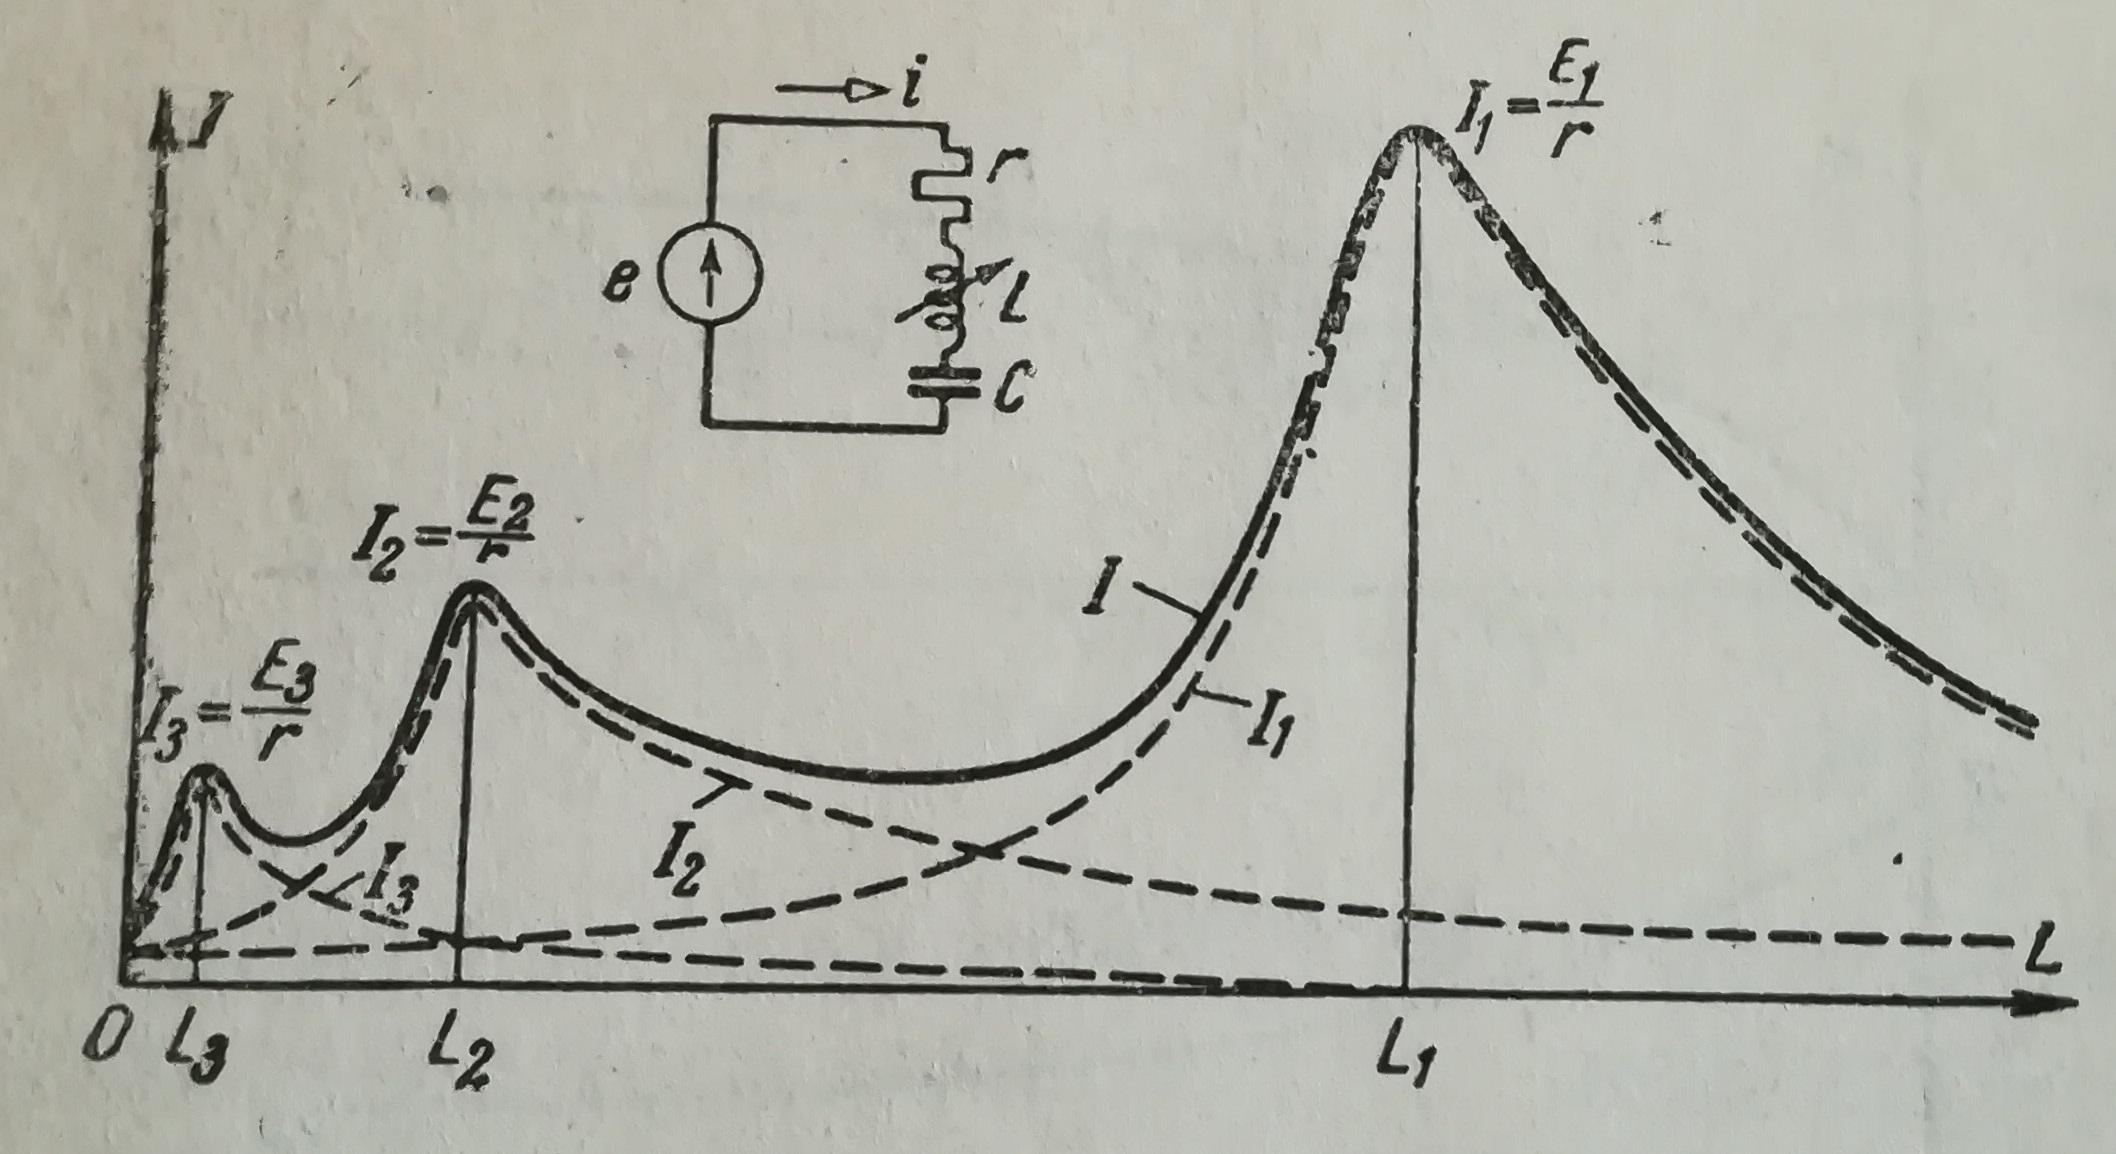 Источник несинусоидальной ЭДС подключенный к последовательно соединенным активному сопротивлению r индуктивности L и емкости С